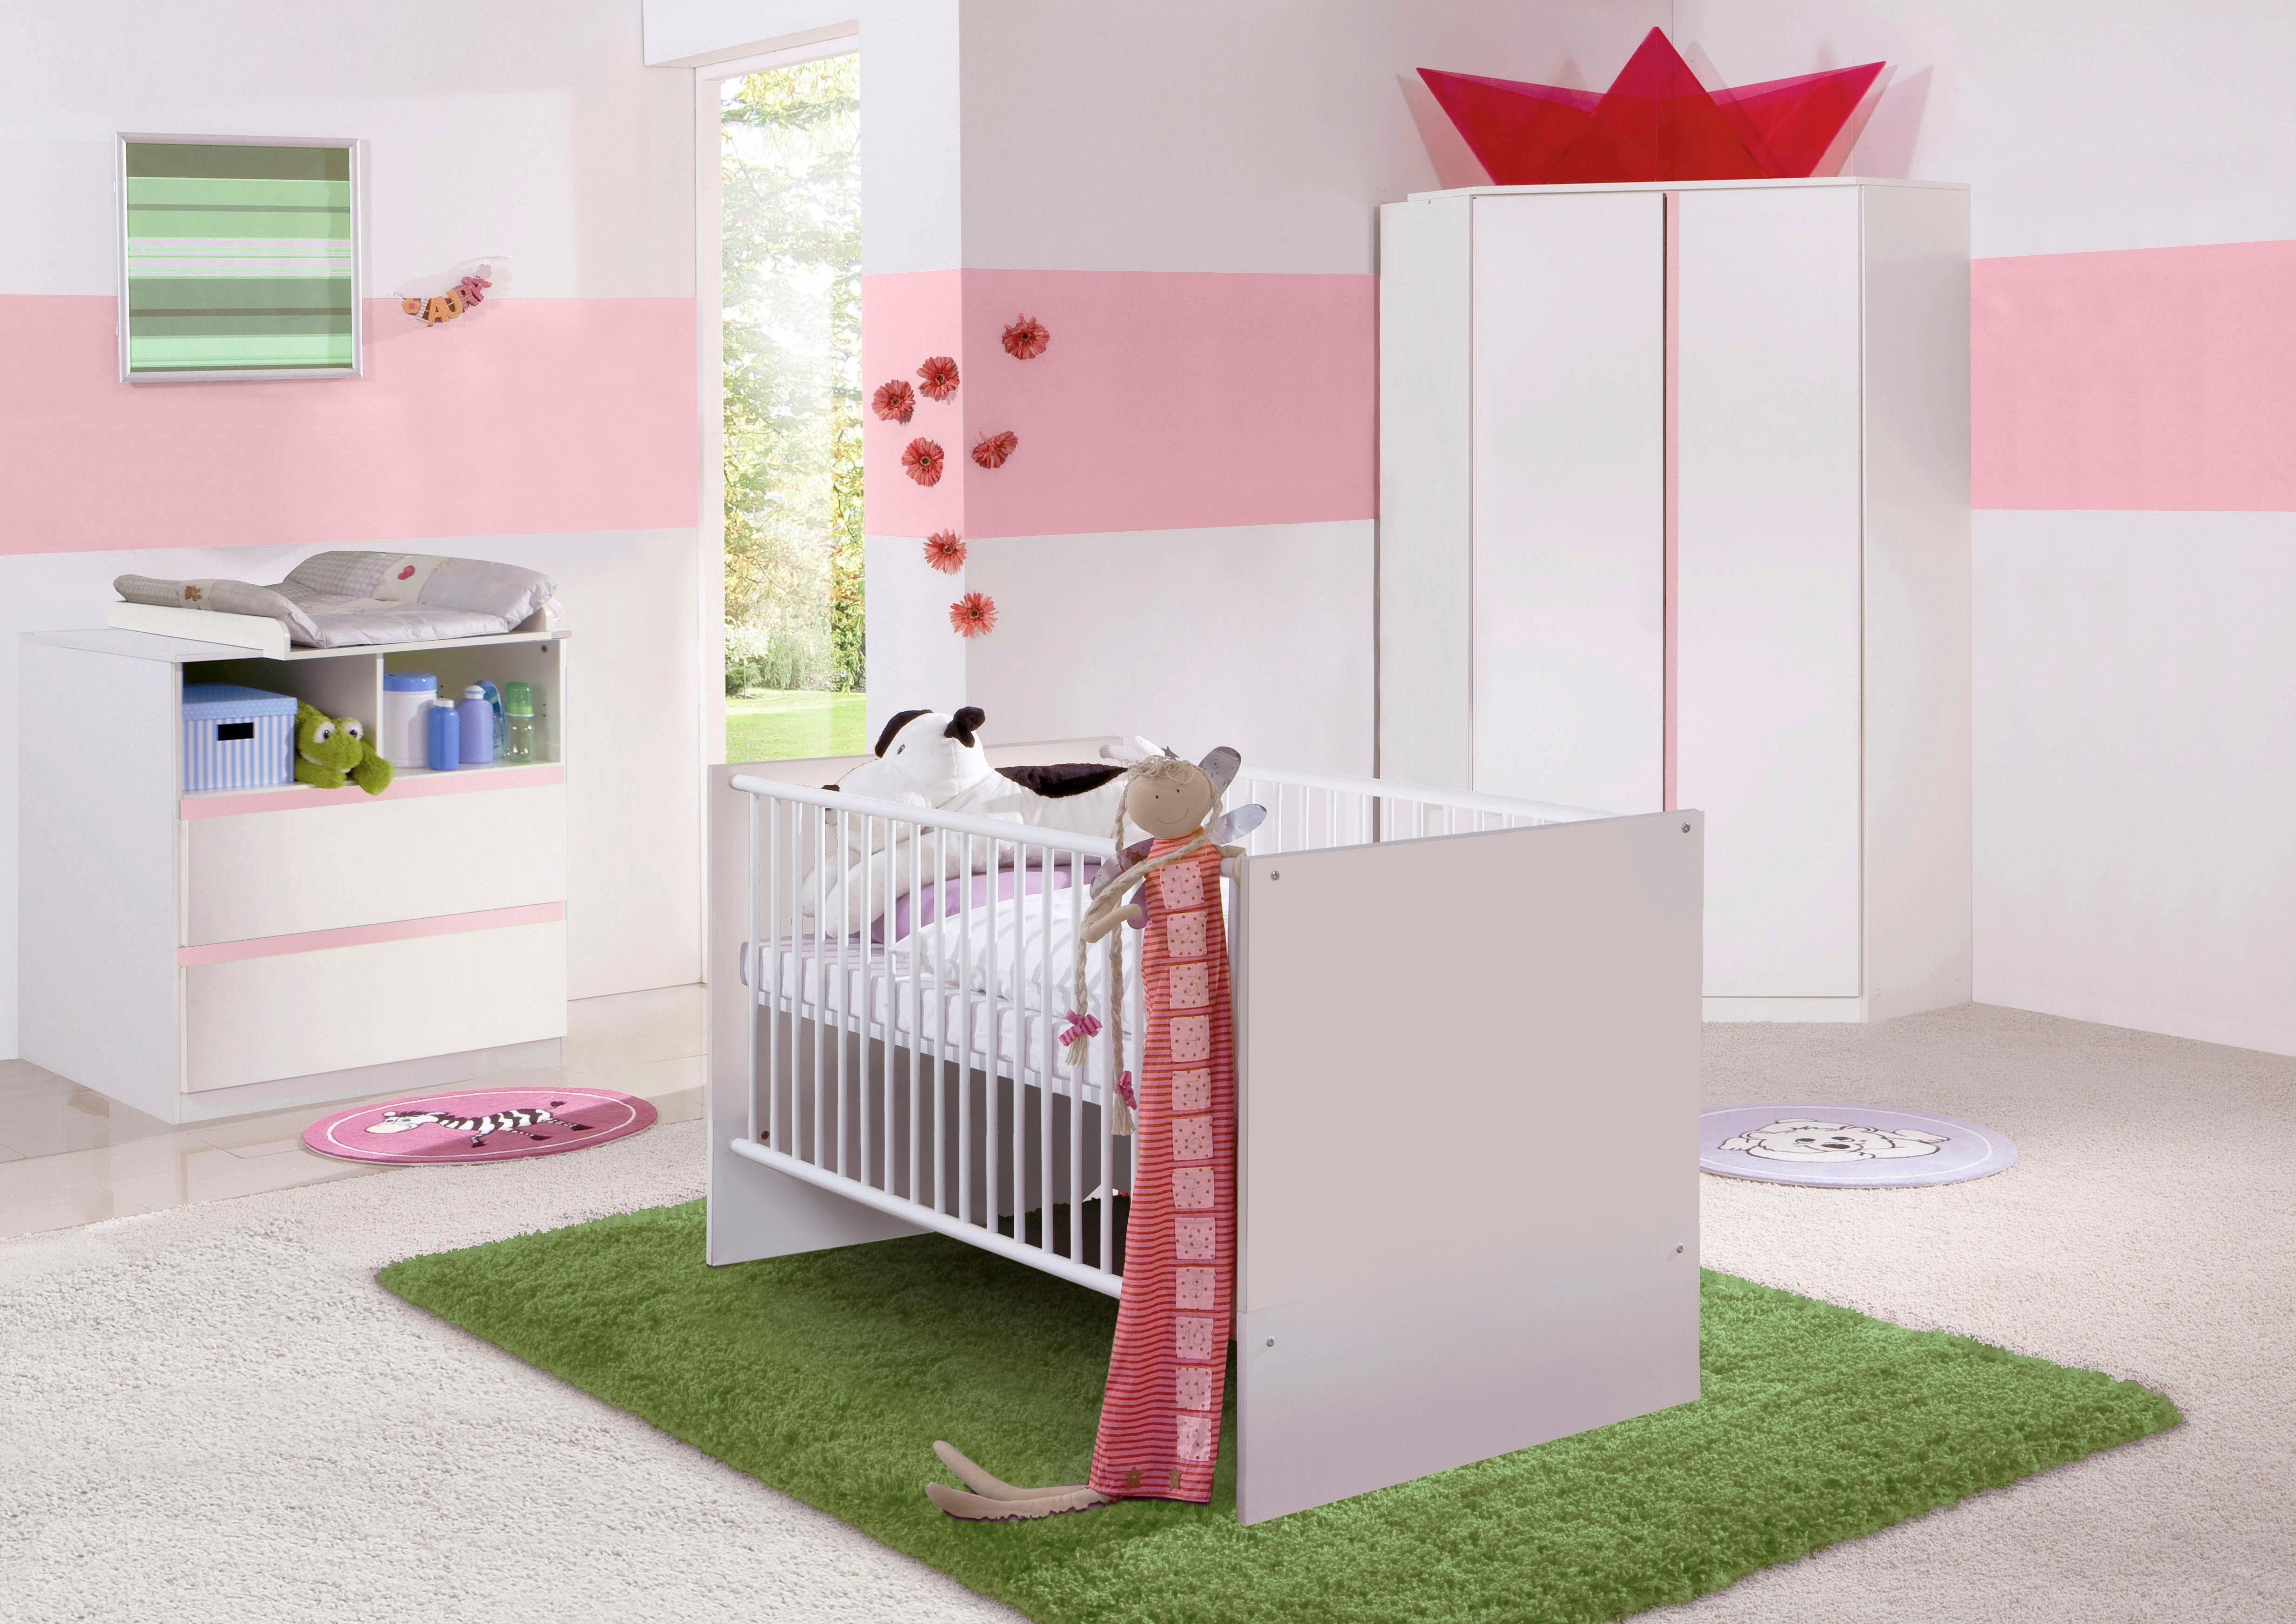 Kinderkamer Houten Boom : Oosterse decoratie en woonaccessoires voor de baby of kinderkamer